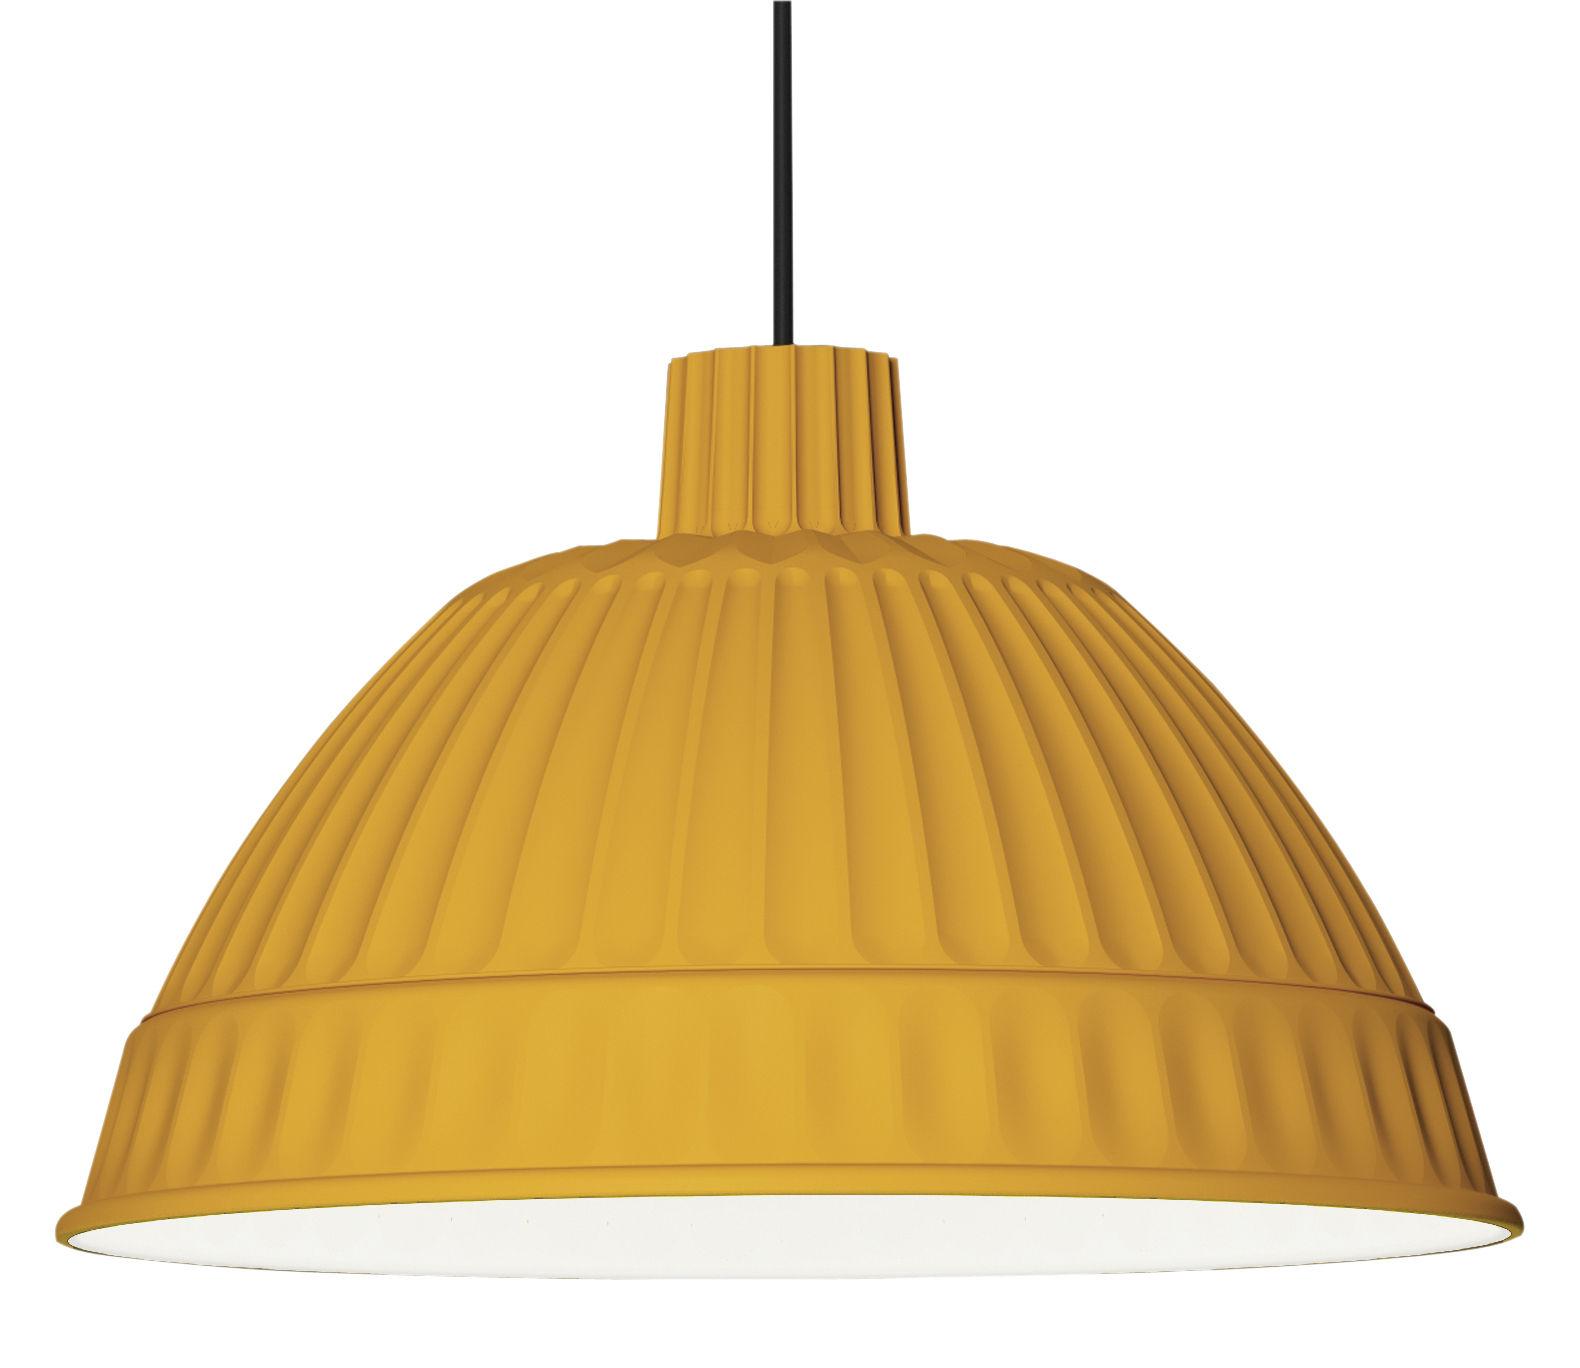 Illuminazione - Lampadari - Sospensione Cloche di Fontana Arte - Miele - Polimero